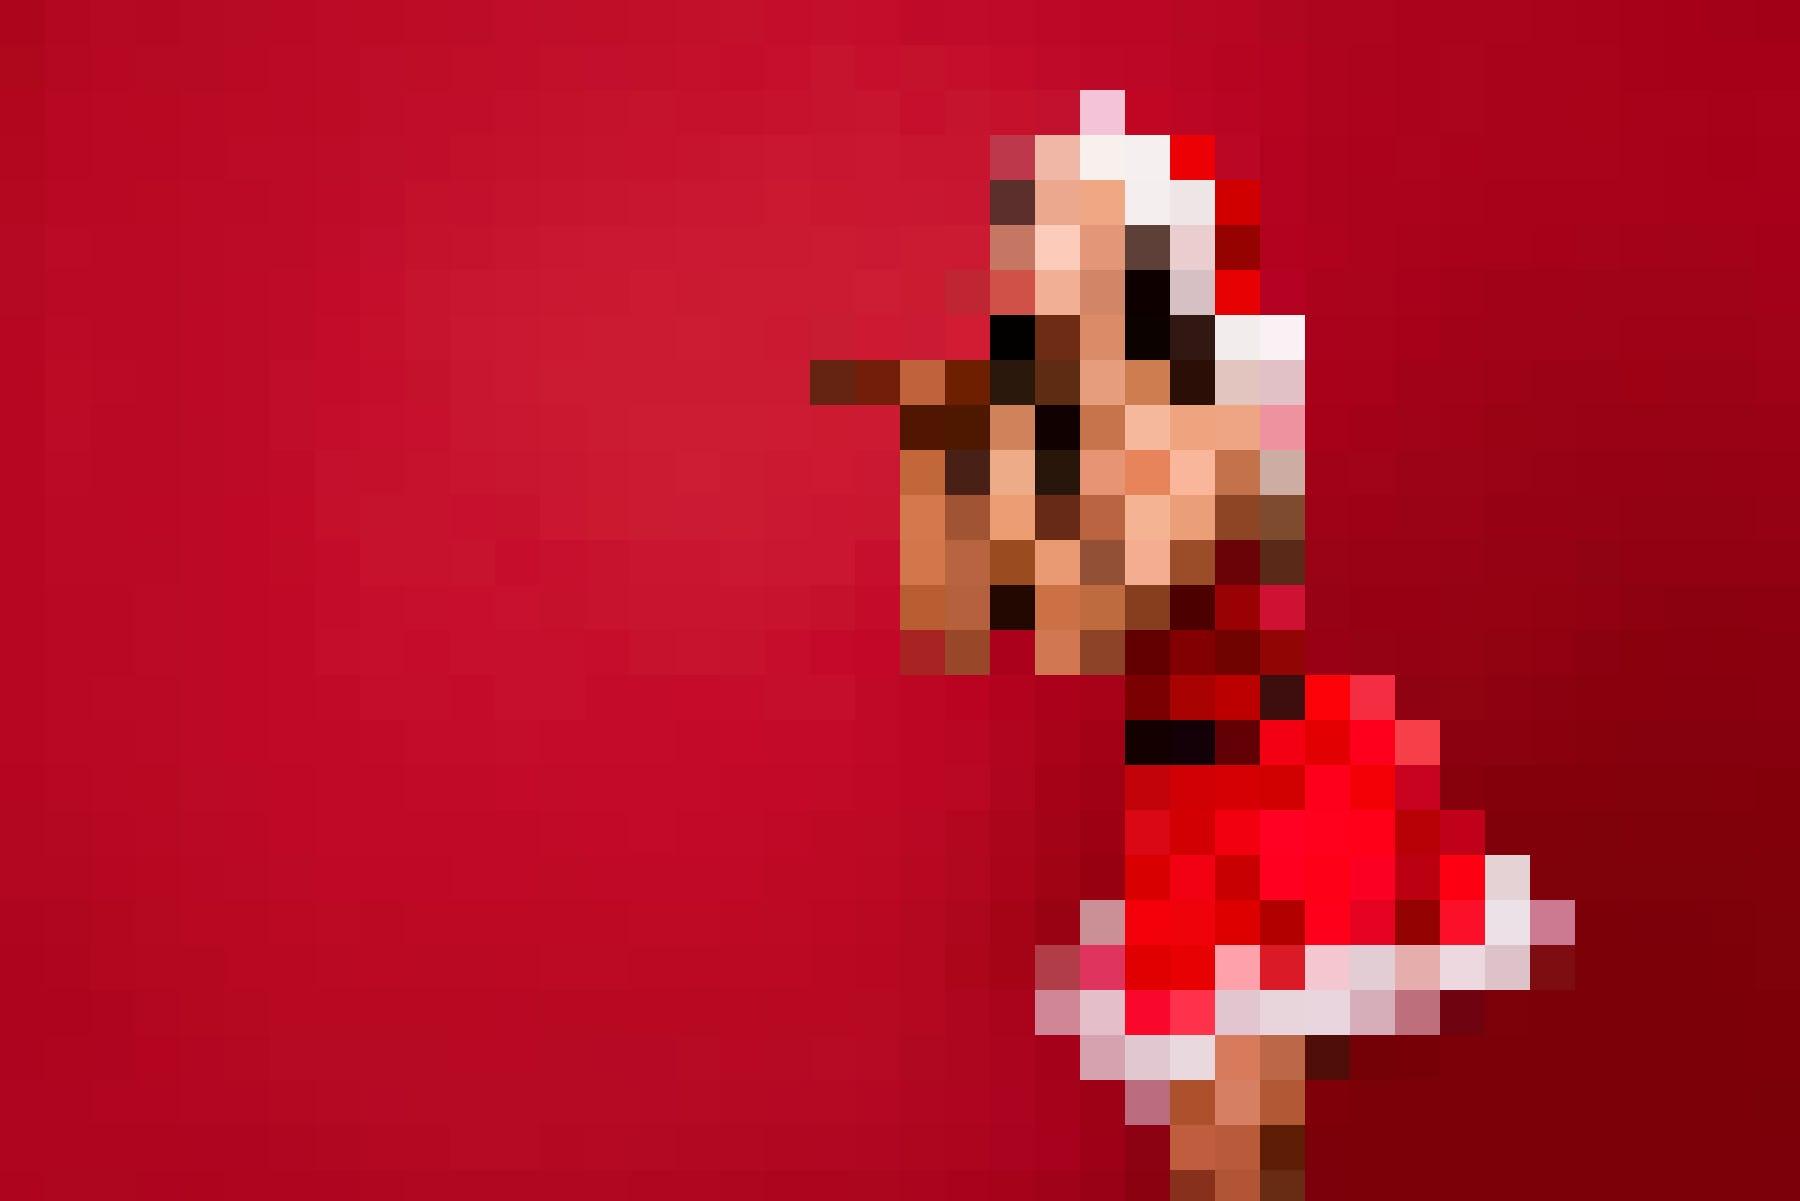 Sexy Weihnachten mit den Geschenkideen von Amorana: Frau in einem sexy Kostüm.